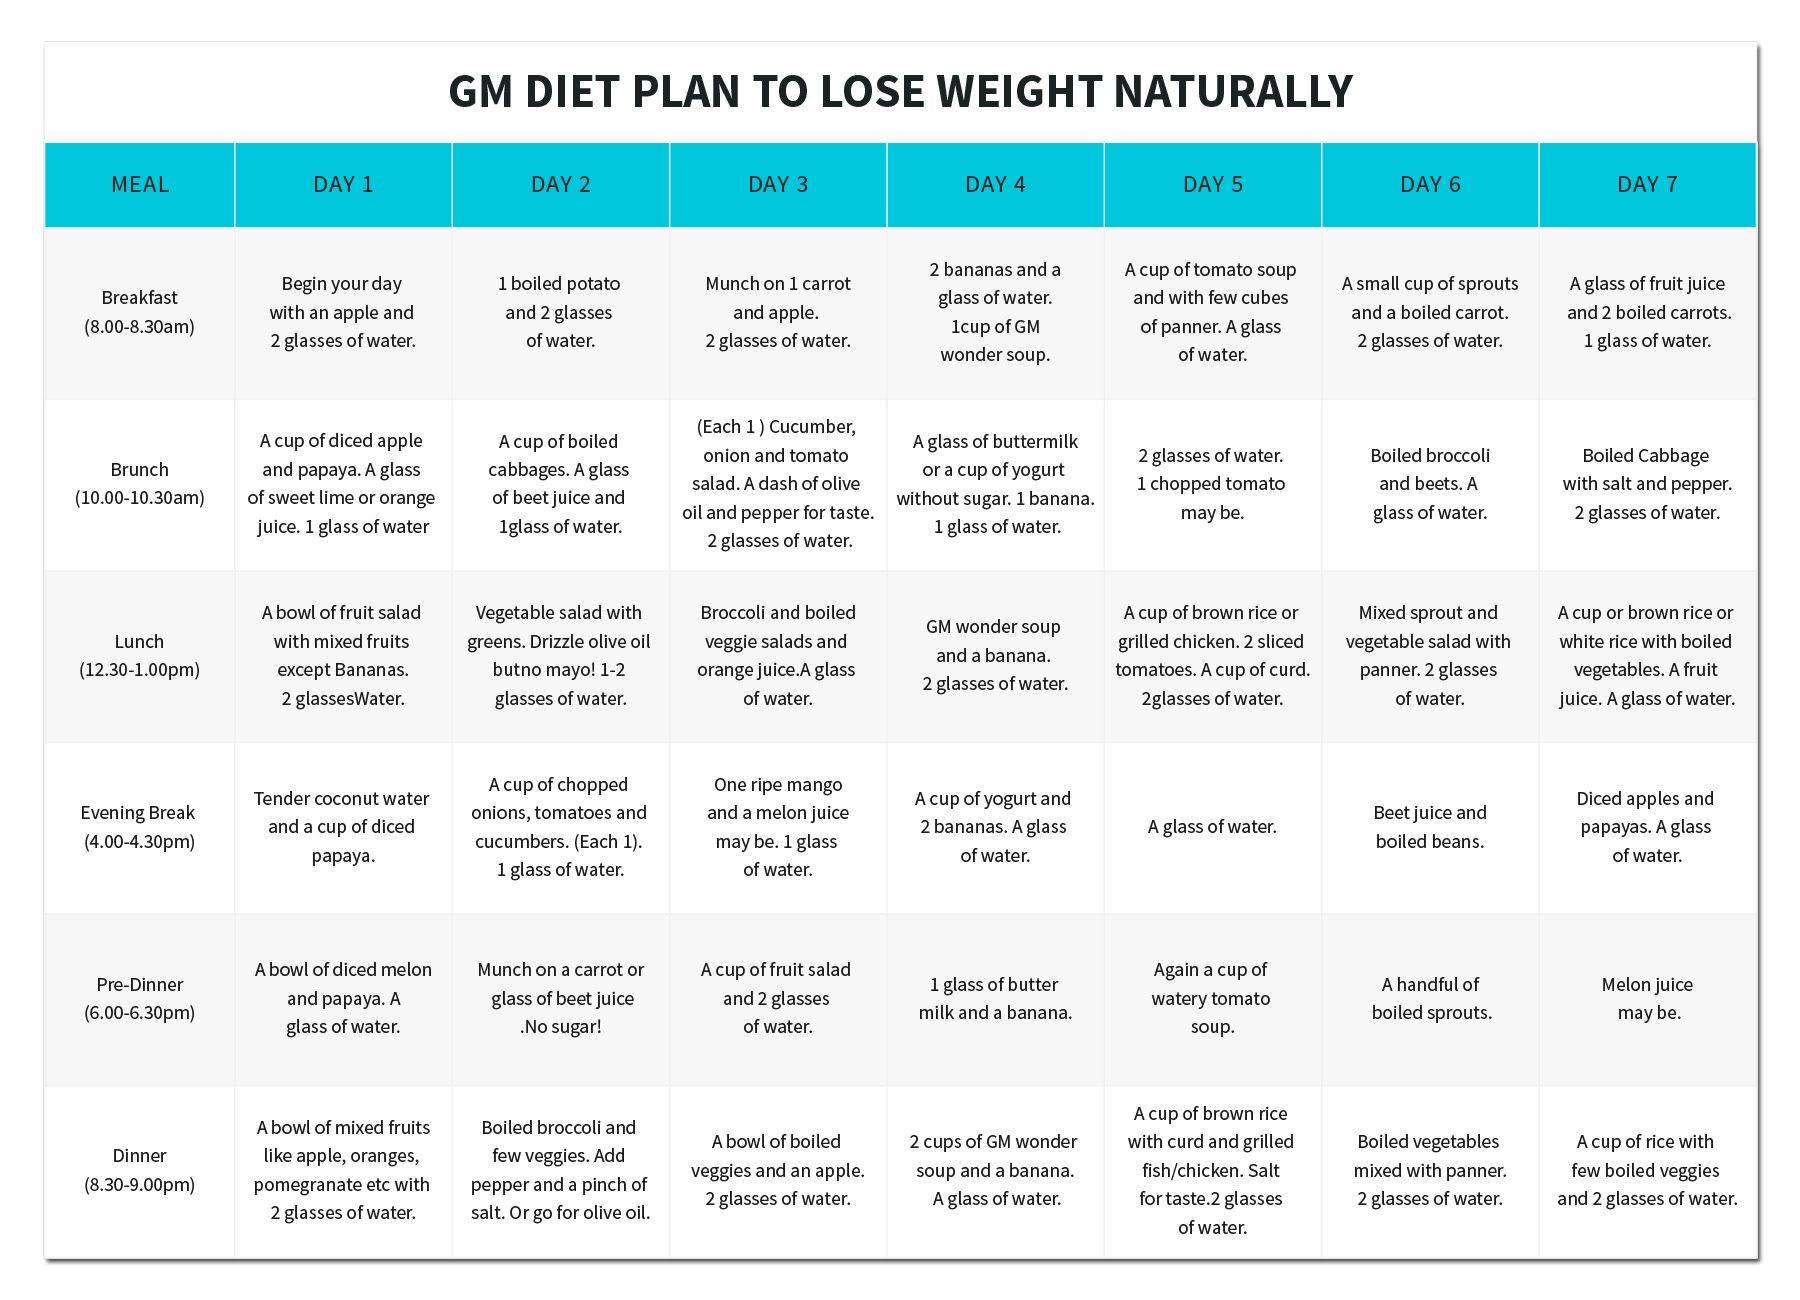 17 best ideas about Gm Diet Plans on Pinterest | 7 day diet plan ...